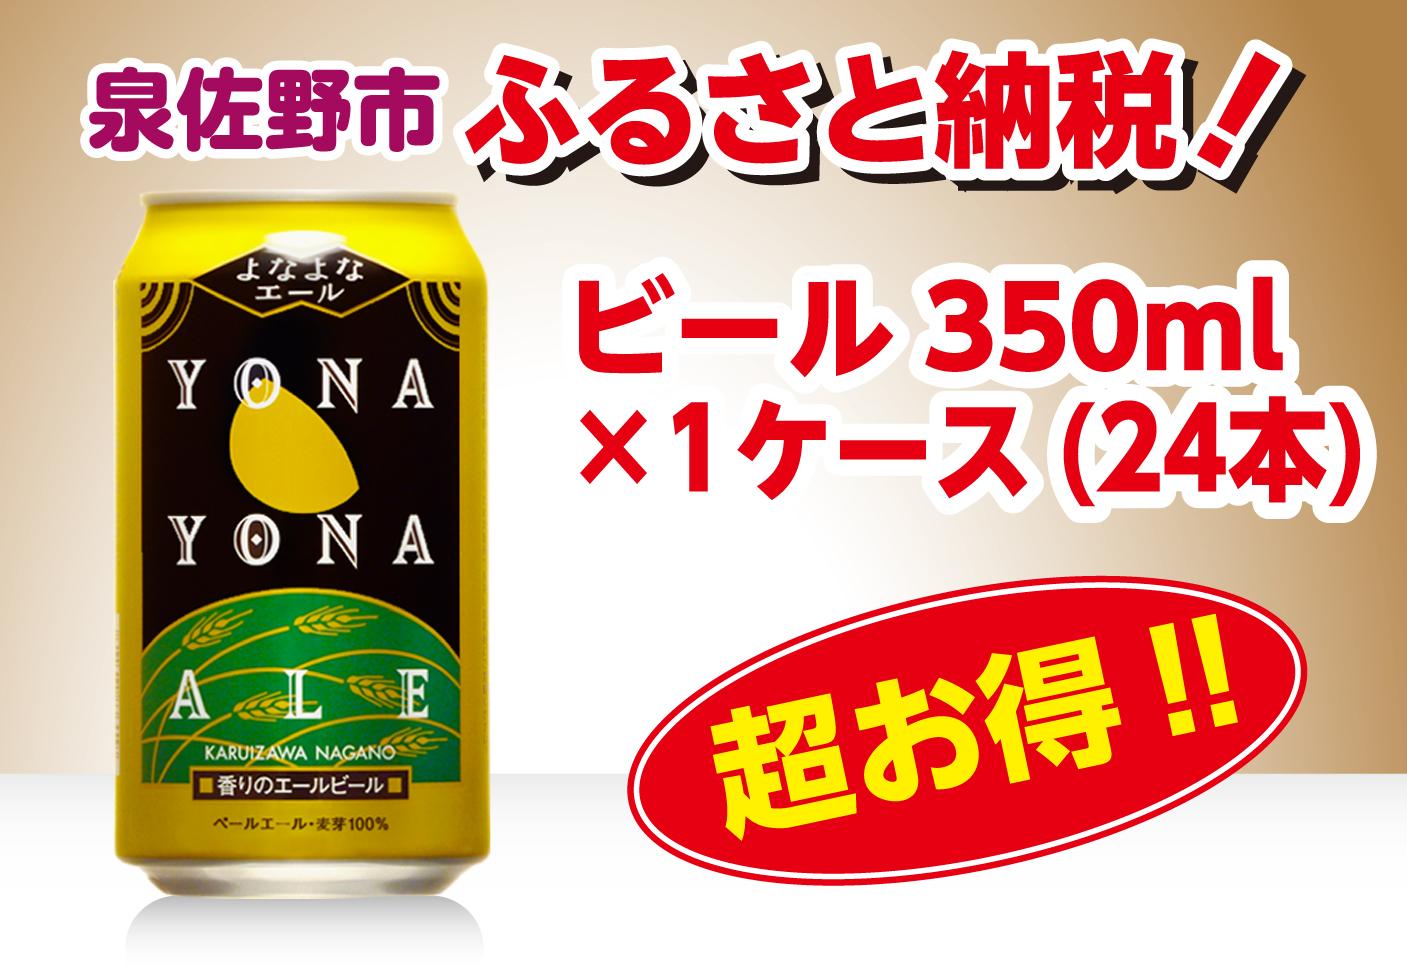 楽天ふるさと納税で大阪府泉佐野市に1万円寄付すると、よなよなエール 350ml×24本がもれなく貰える。高還元率60%。